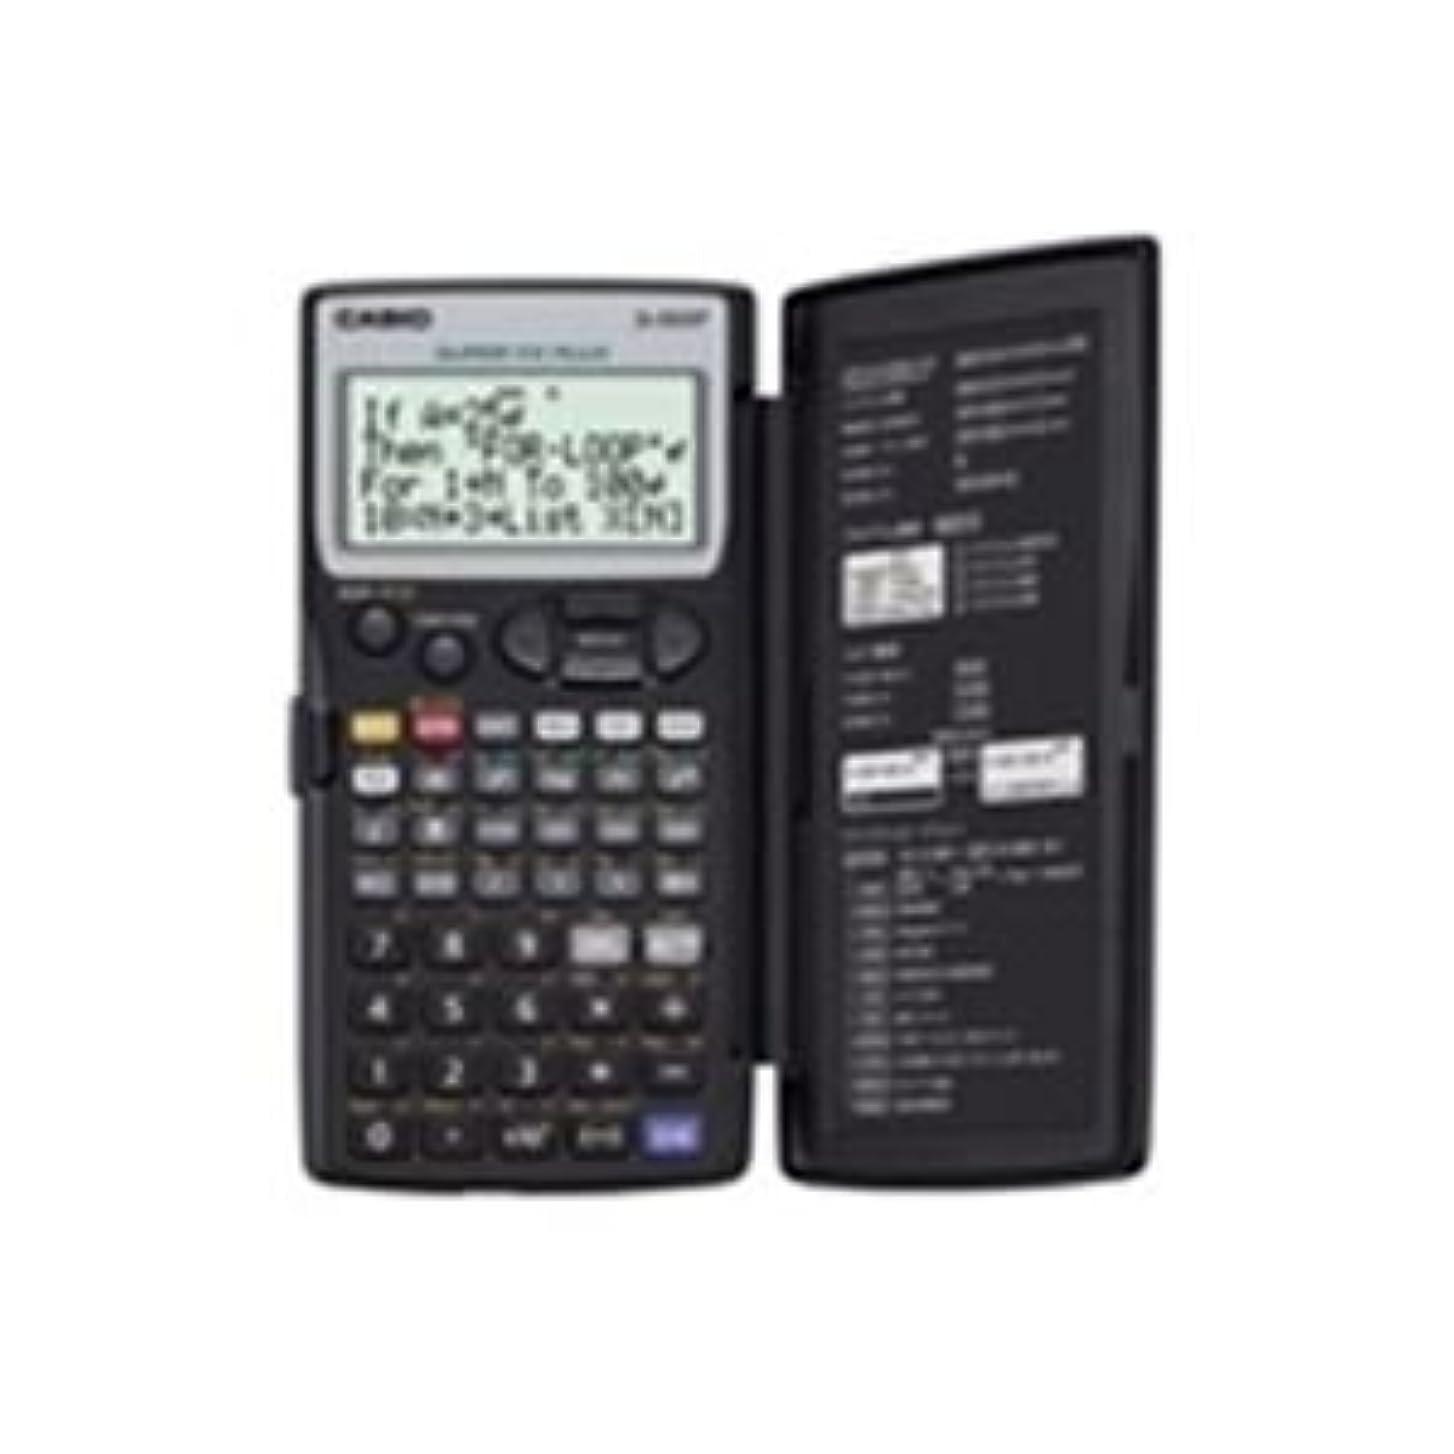 オンスオリエンテーション役割(業務用2セット) カシオ計算機(CASIO) 関数電卓 FX-5800P-N 生活用品 インテリア 雑貨 文具 オフィス用品 電卓 [並行輸入品]